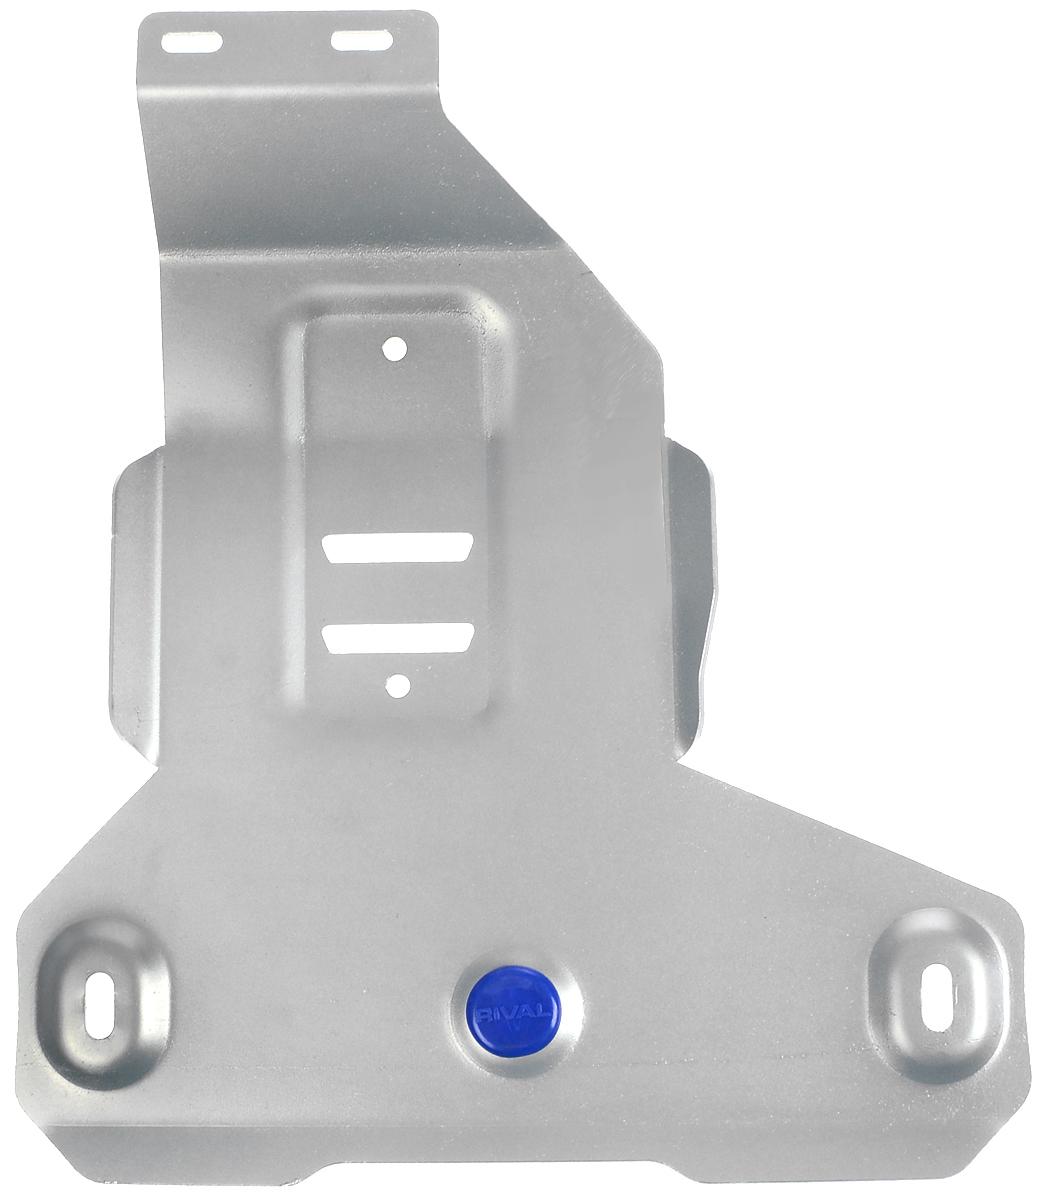 Защита редуктора Rival, для BMW X1333.0527.1Защита редуктора для BMW X1 4WD , 20i; 20d 2015-, крепеж в комплекте, алюминий 4 мм, Rival. Надежно защищают днище вашего автомобиля от повреждений, например при наезде на бордюры, а также выполняют эстетическую функцию при установке на высокие автомобили.- Толщина алюминиевых защит в 2 раза толще стальных, а вес при этом меньше до 30%.- Отлично отводит тепло от двигателя своей поверхностью, что спасает двигатель от перегрева в летний период или при высоких нагрузках.- В отличие от стальных, алюминиевые защиты не поддаются коррозии, что гарантирует срок службы защит более 5 лет.- Покрываются порошковой краской, что надолго сохраняет первоначальный вид новой защиты и защищает от гальванической коррозии.- Глубокий штамп дополнительно усиливает конструкцию защиты.- Подштамповка в местах крепления защищает крепеж от срезания.- Технологические отверстия там, где они необходимы для смены масла и слива воды, оборудованные заглушками, надежно закрепленными на защите.Уважаемые клиенты!Обращаем ваше внимание, на тот факт, что защита имеет форму, соответствующую модели данного автомобиля. Фото служит для визуального восприятия товара.